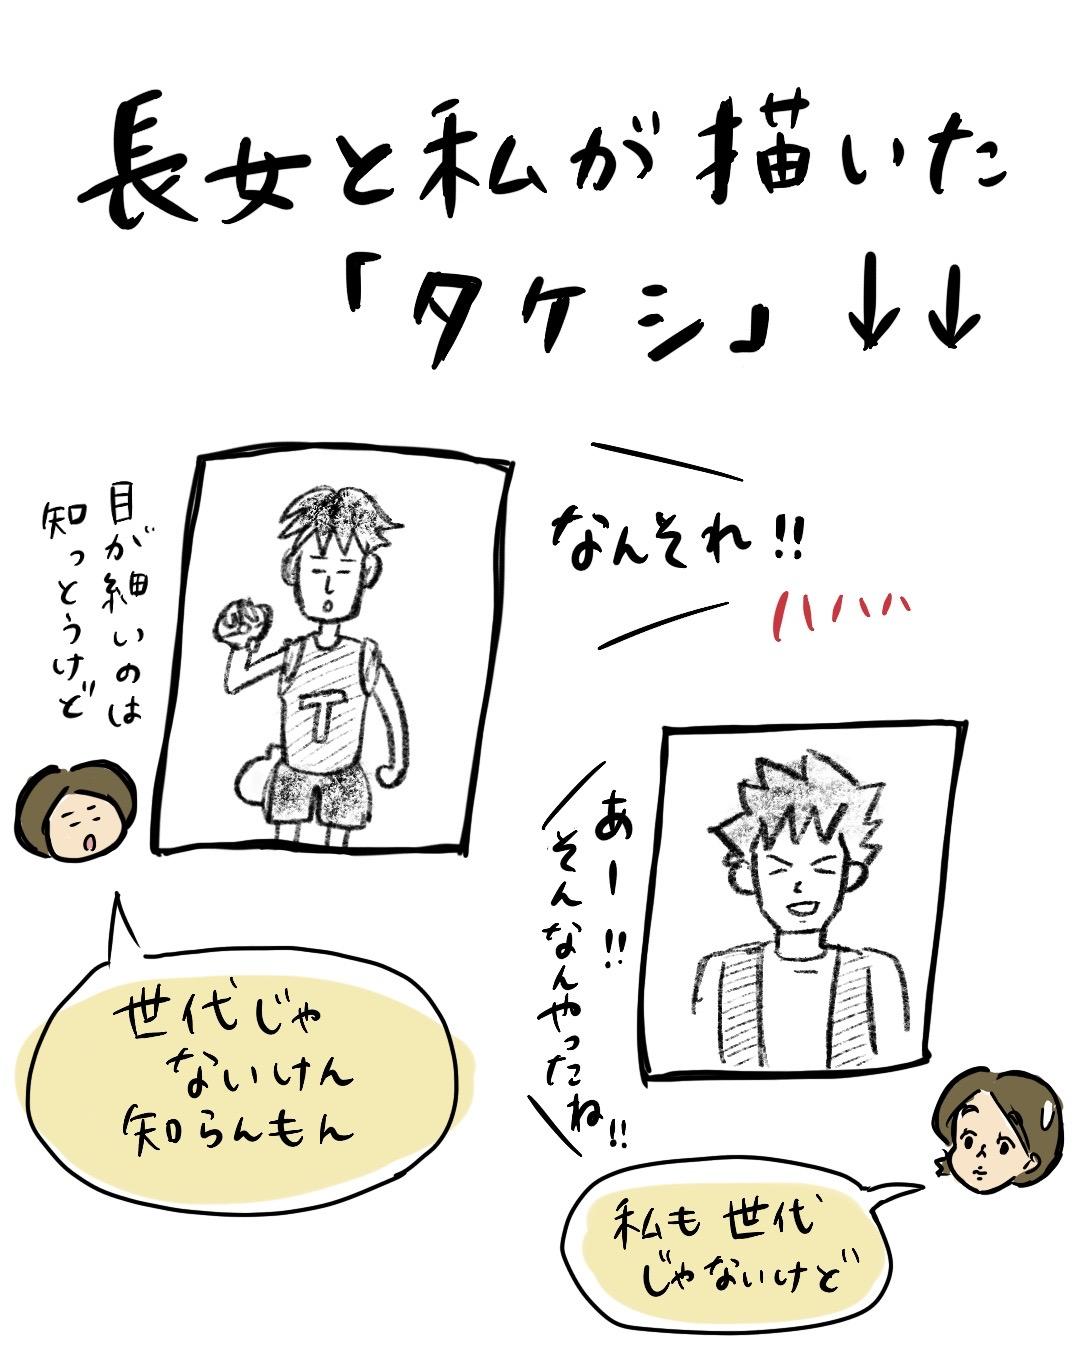 ポケモンタケシのイラスト